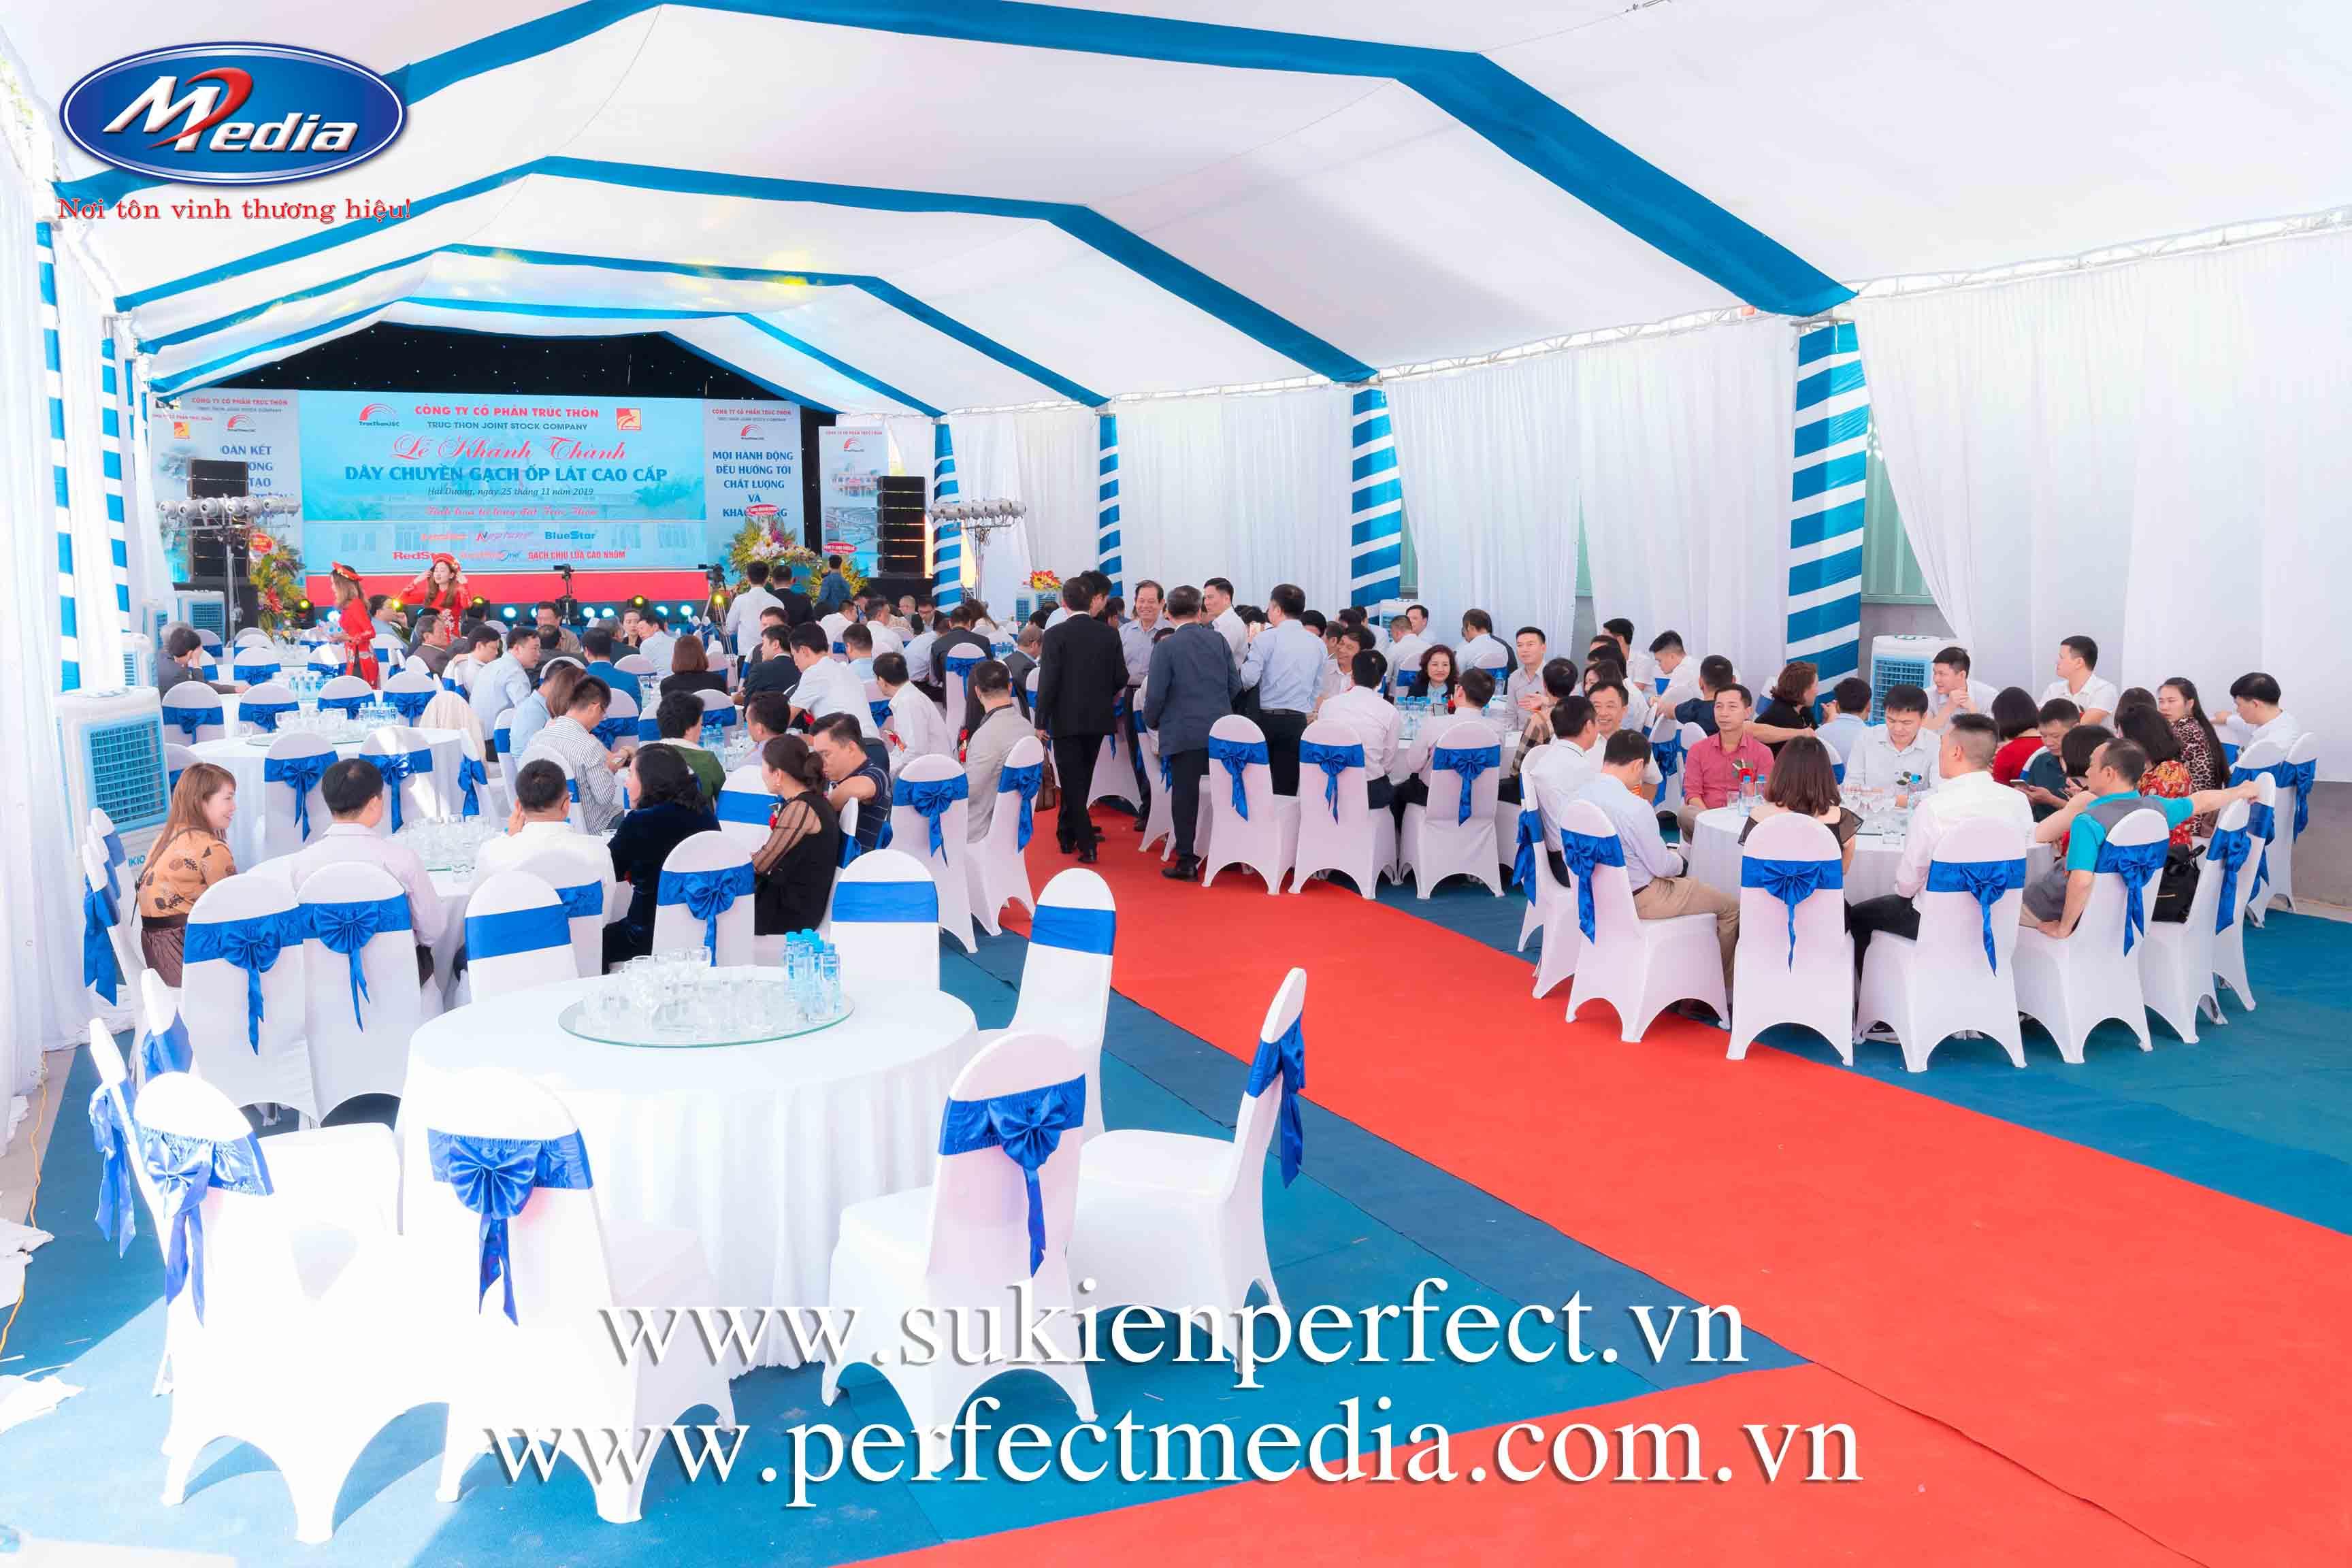 Công ty tổ chức sự kiện khai trương, khánh thành chuyên nghiệp tại Bắc Giang